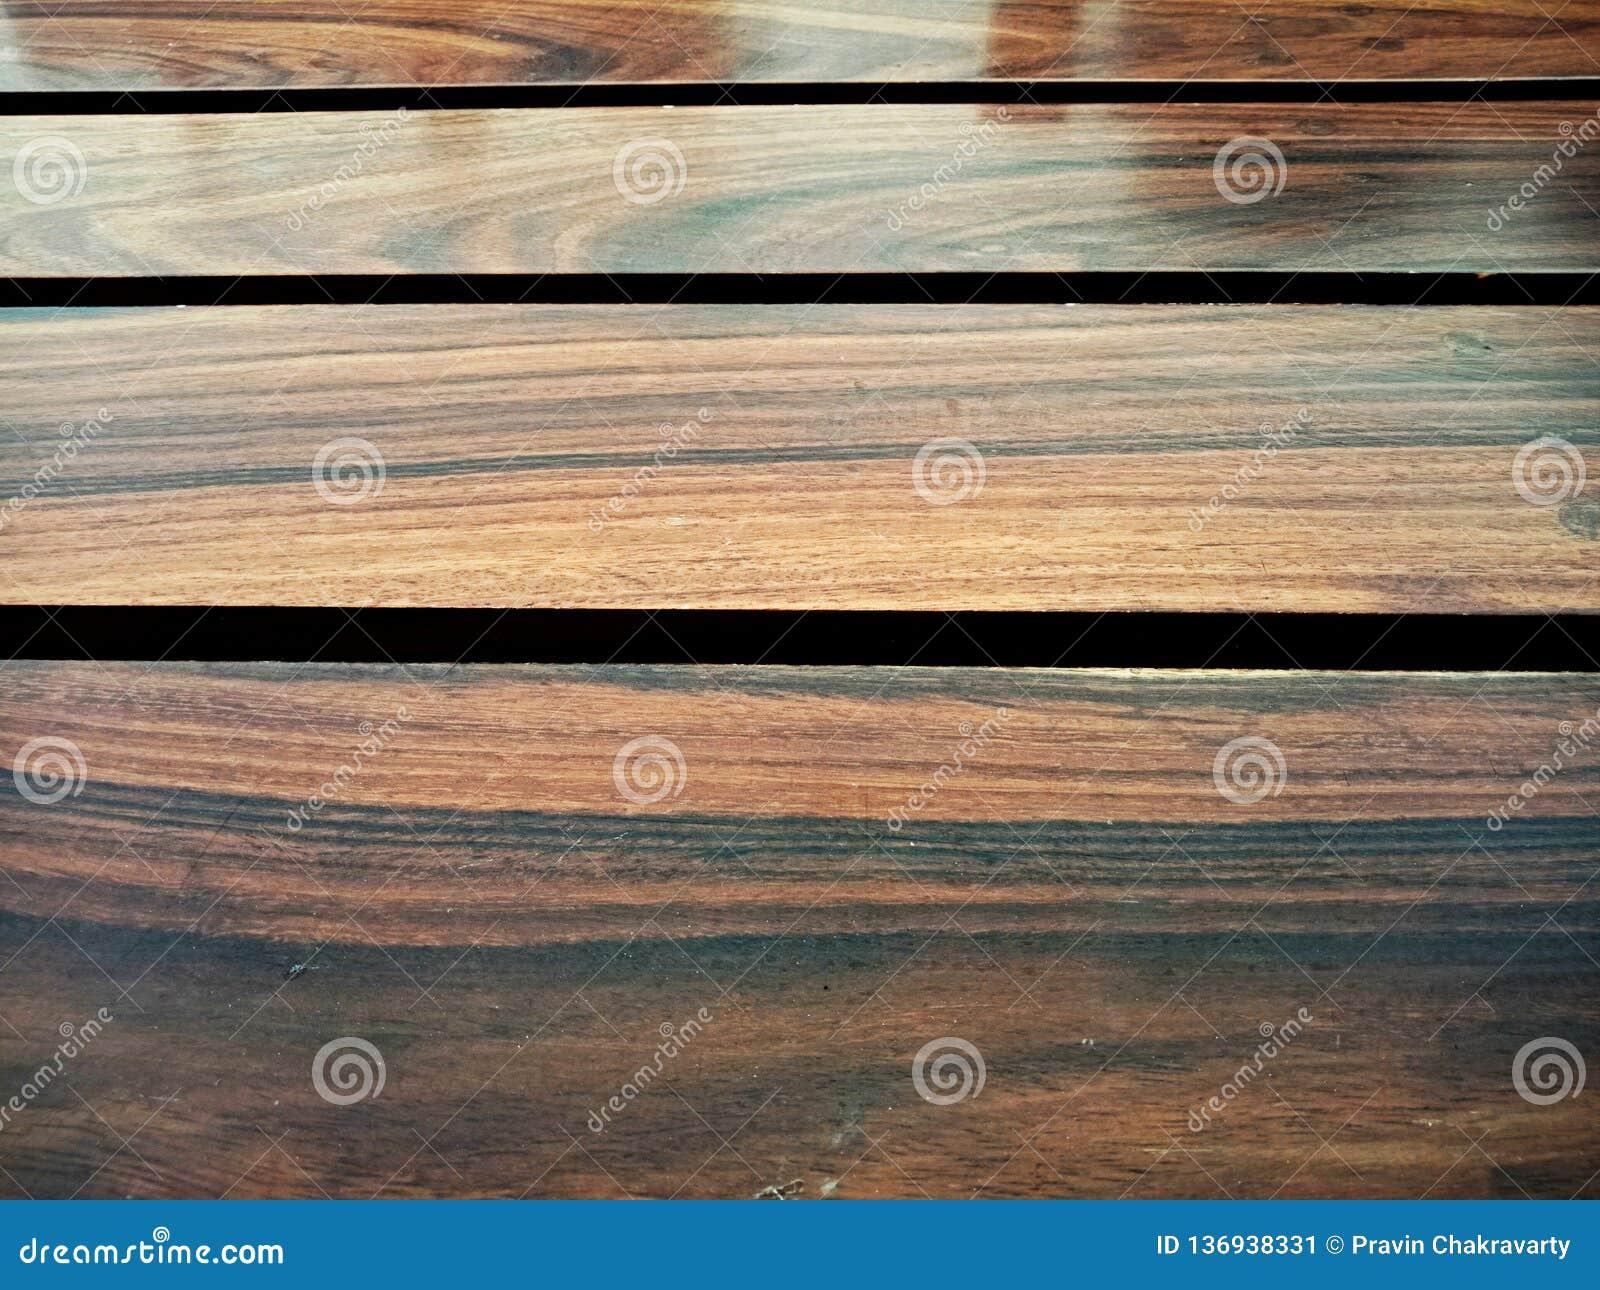 Impression Photo Planche Bois fond en bois de grain de planche de texture, table en bois